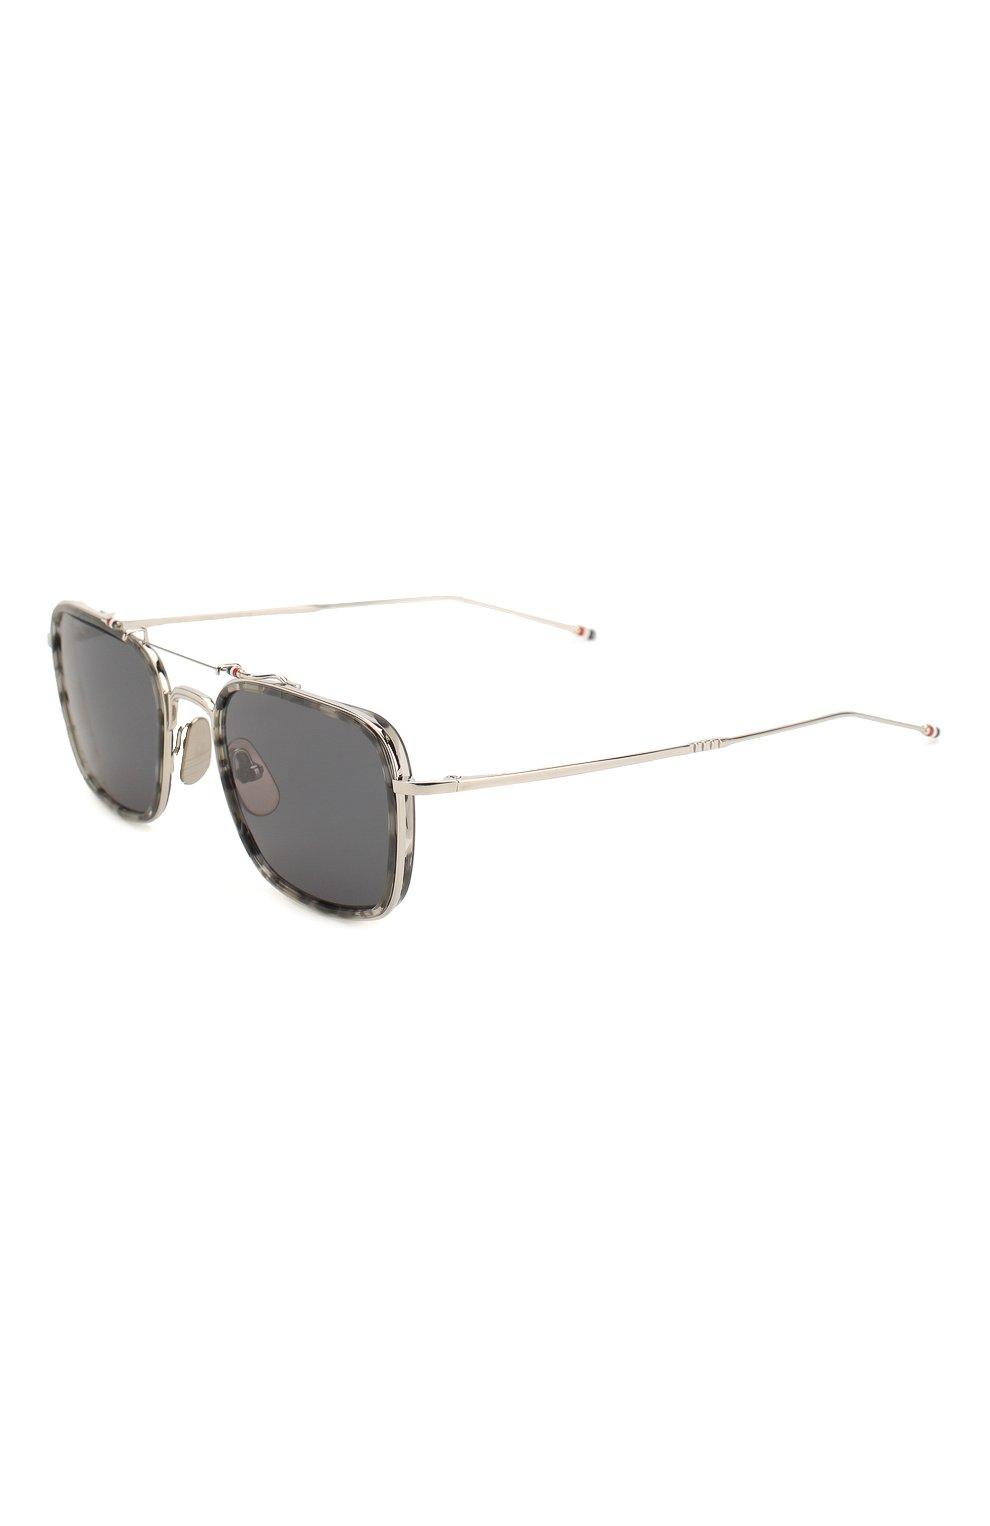 Женские солнцезащитные очки THOM BROWNE серебряного цвета, арт. TB-816-03 | Фото 1